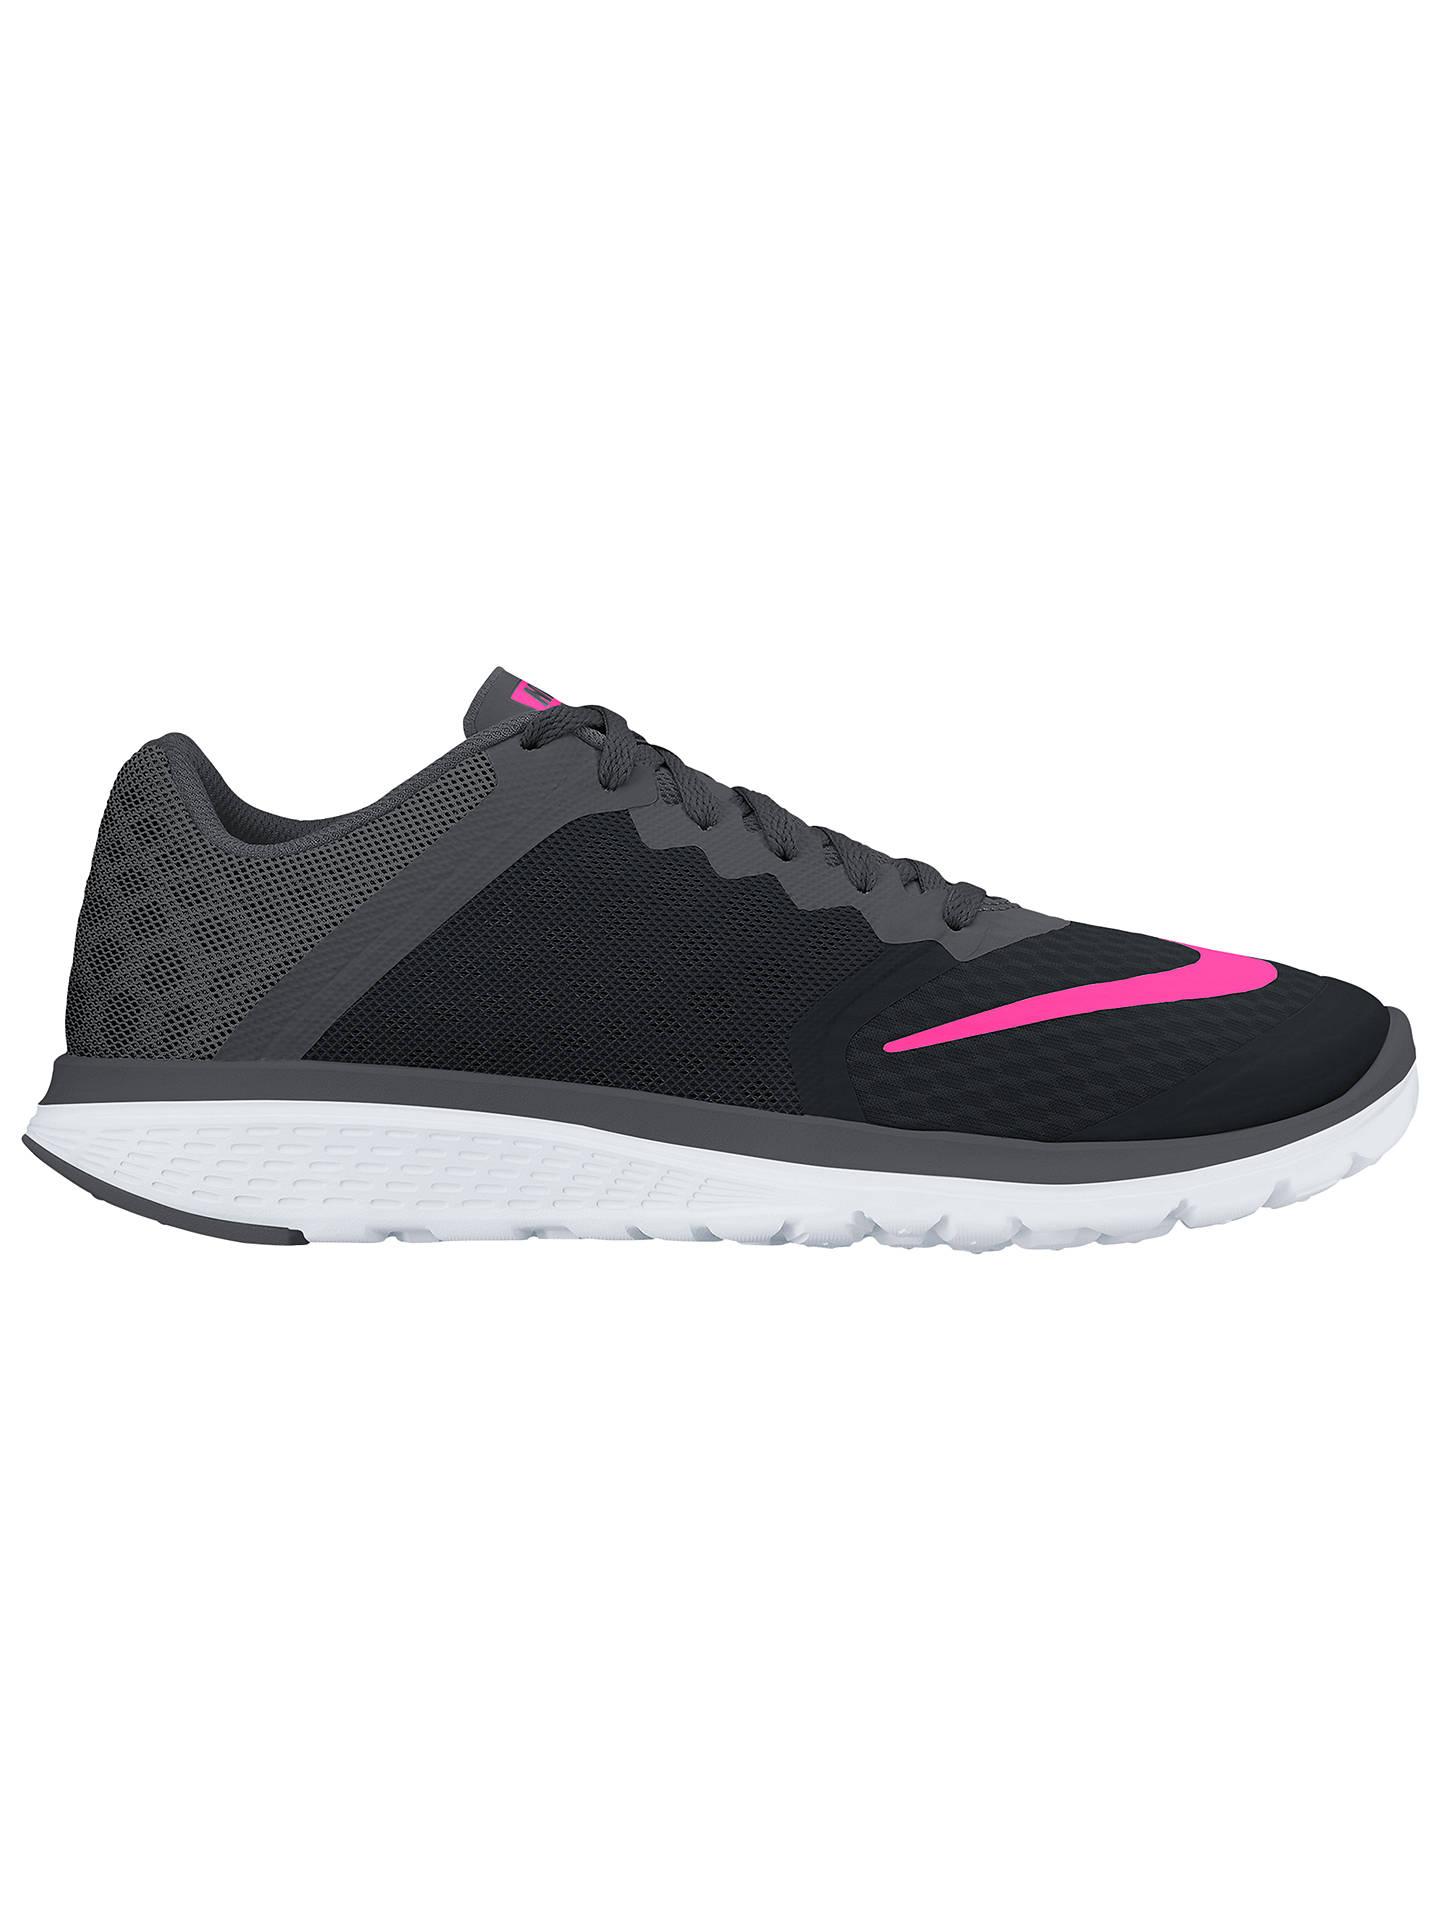 6a3adecc183a Buy Nike FS Lite Run 3 Women s Running Shoes